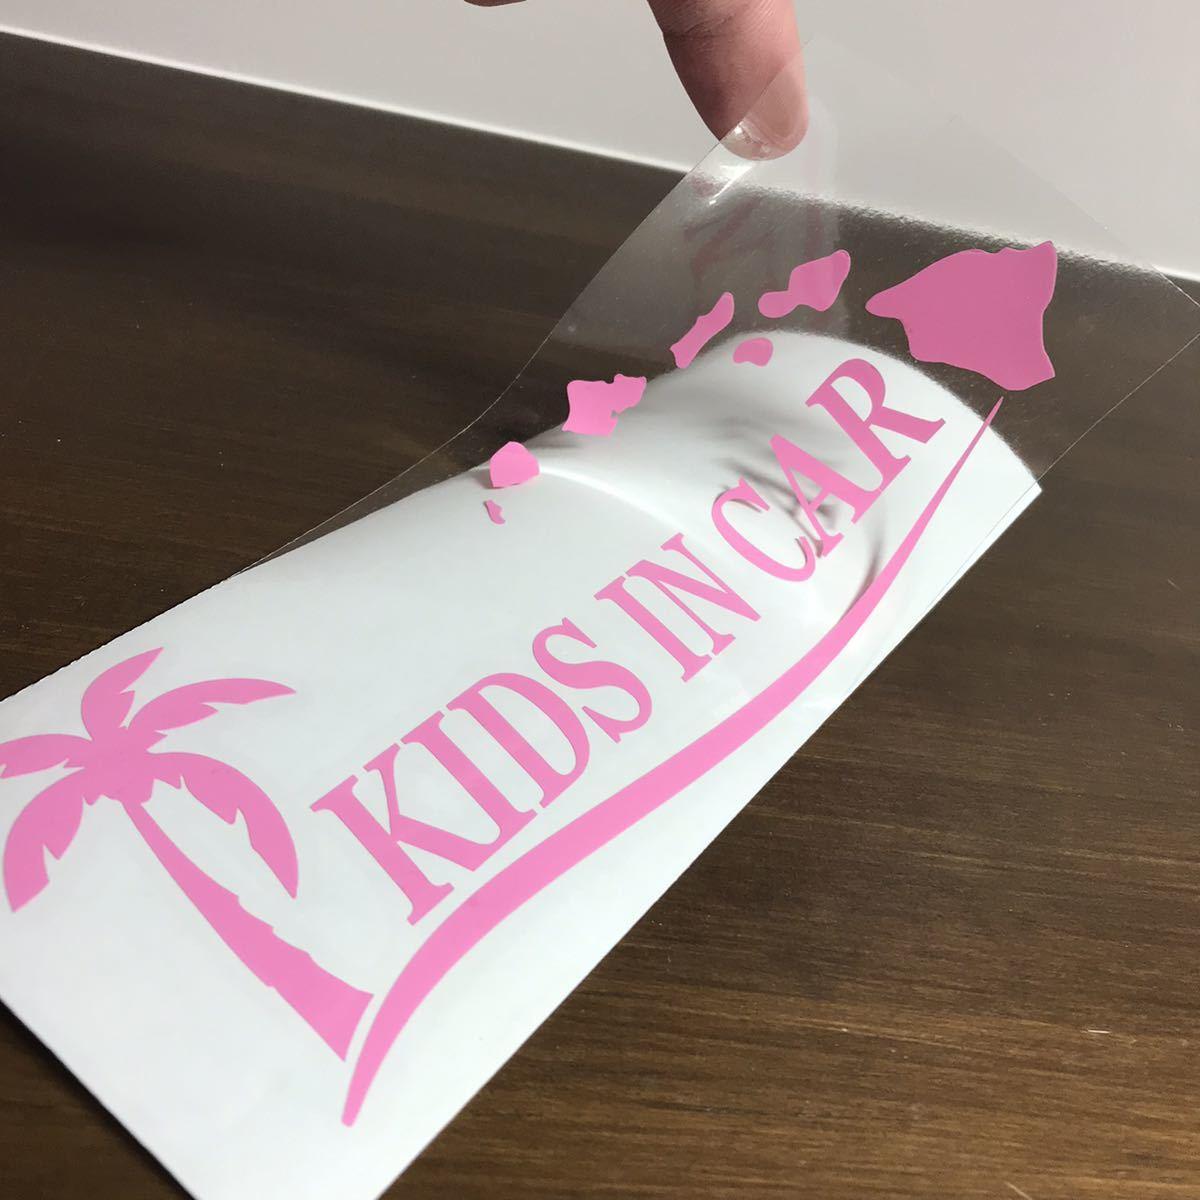 ハワイ 諸島 キッズインカー ステッカー ヤシの木_画像2